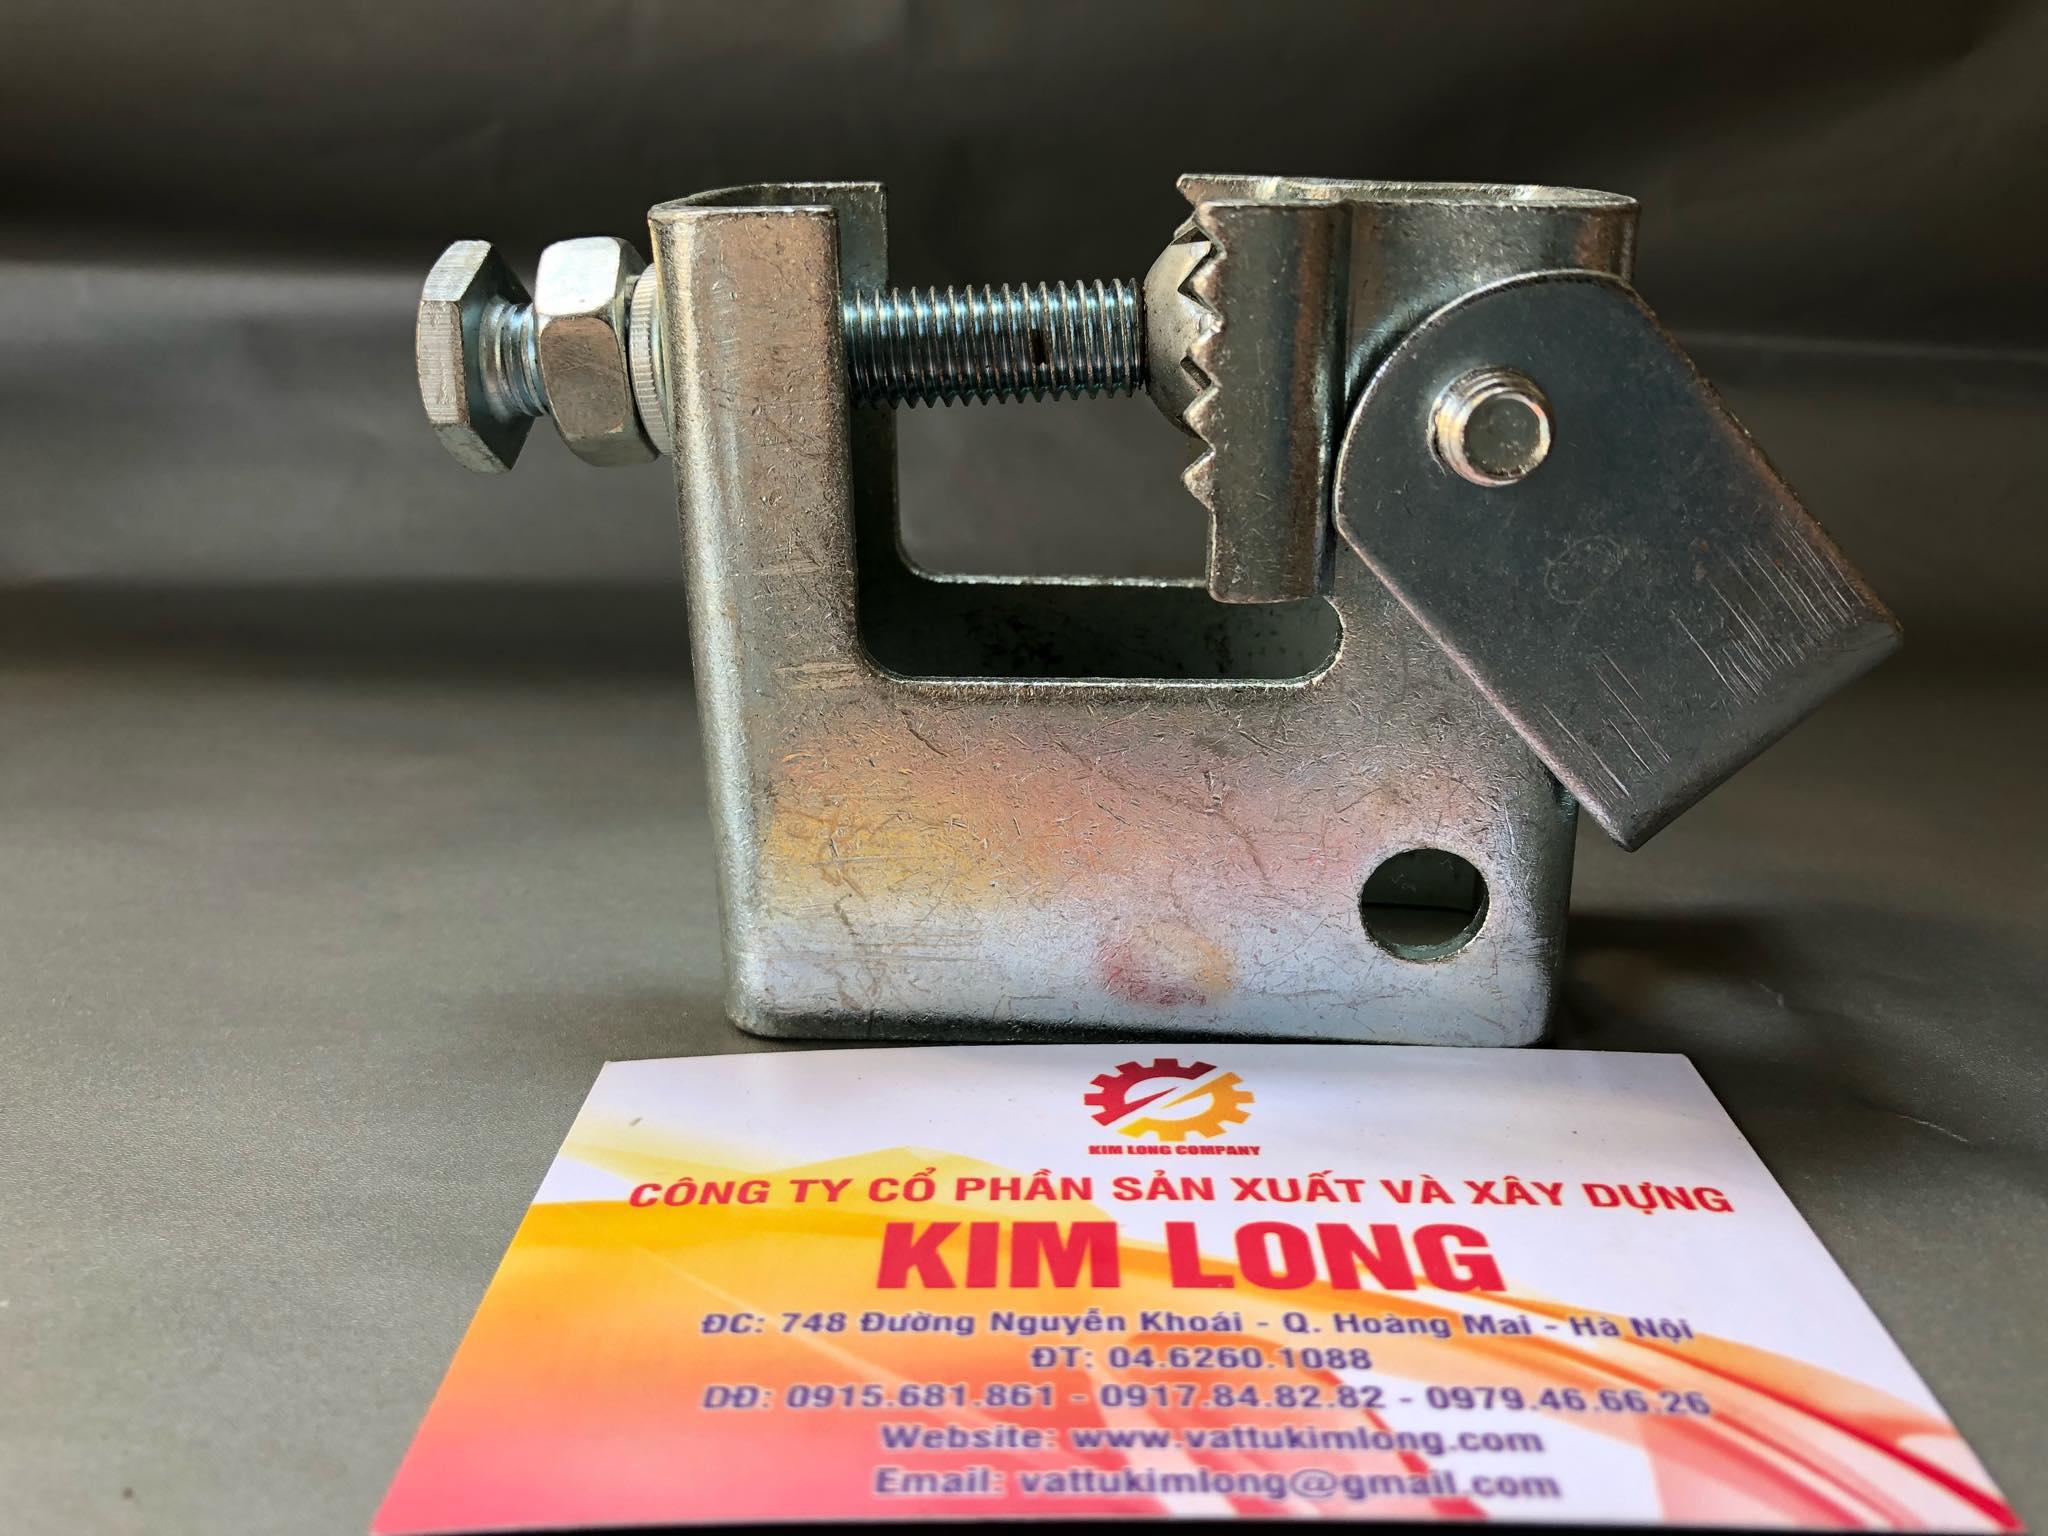 báo giá kẹp xà gồ Kim Long